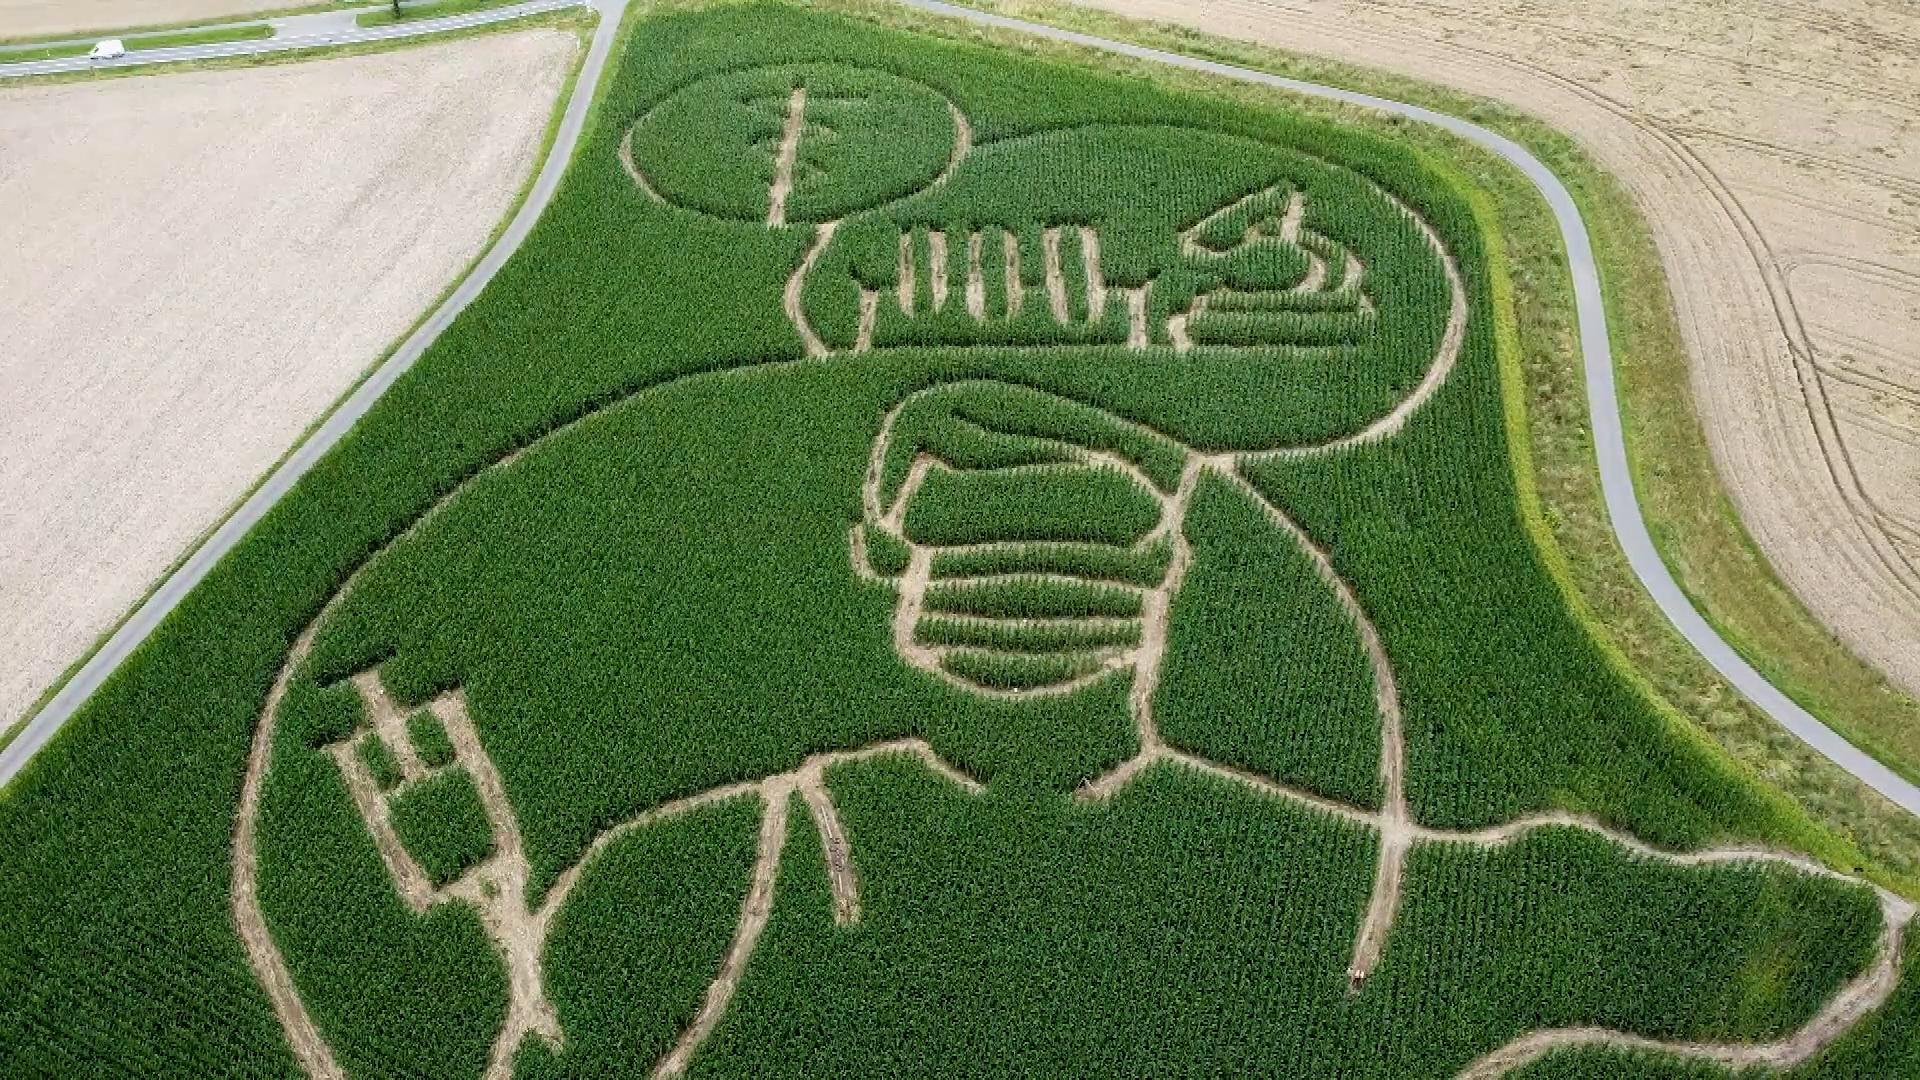 Немецкий фермер посвятил лабиринт на кукурузном поле вакцинации против COVID-19 Общество